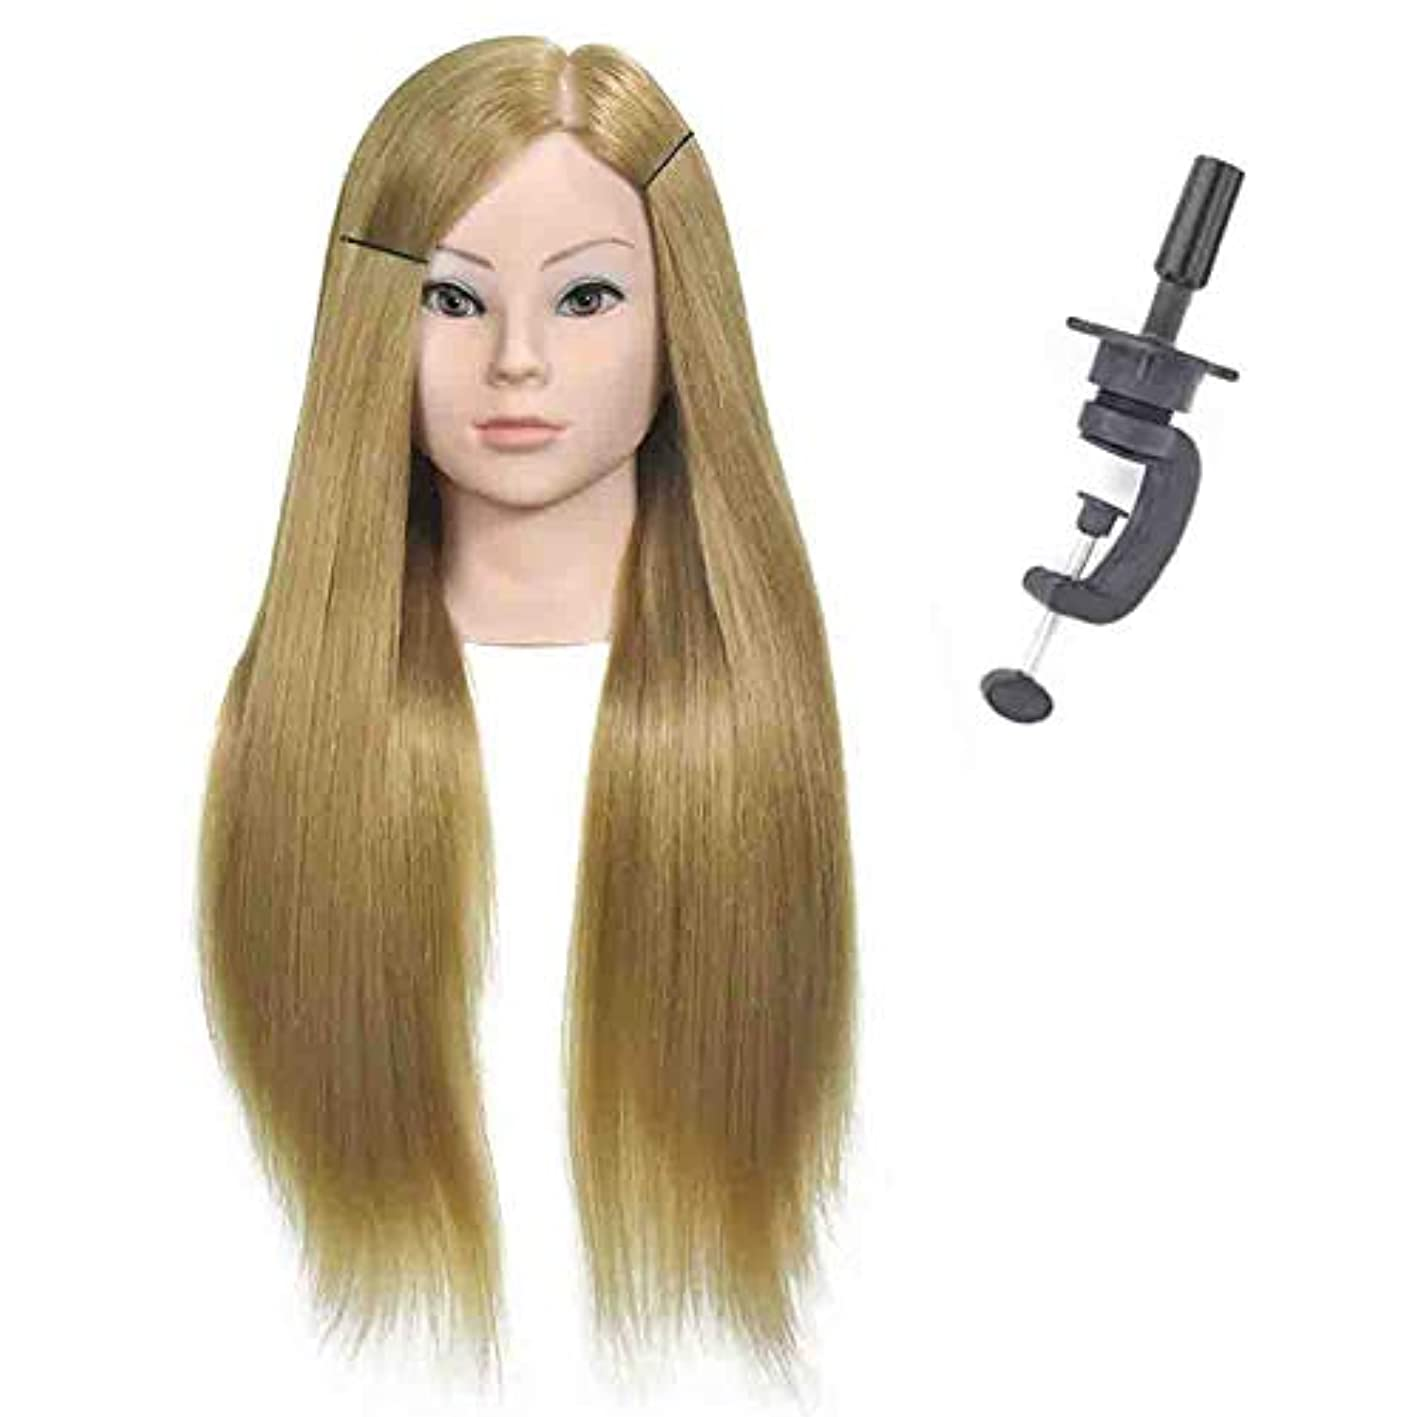 広告荒れ地と組む花嫁メイクモデリング教育ヘッド本物の人物ヘアダミーヘッドモデル理髪店学習パーマ髪染めモデルヘッド